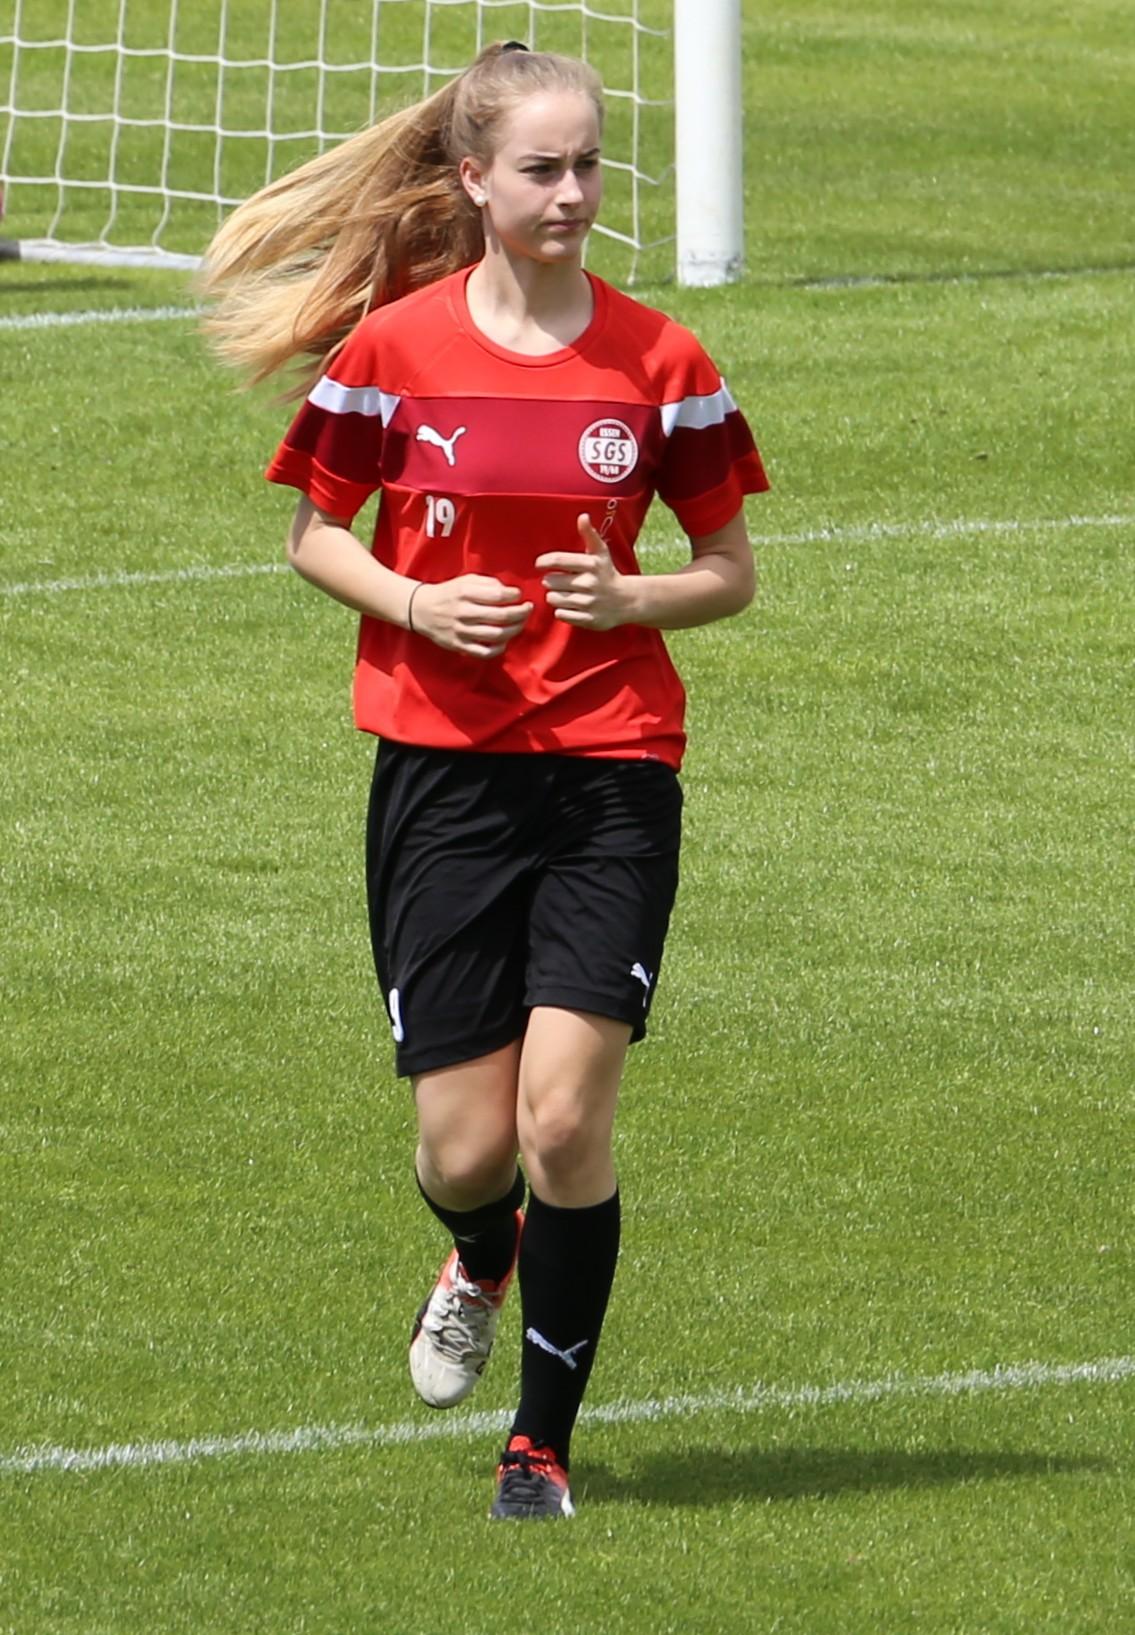 Laura Radke